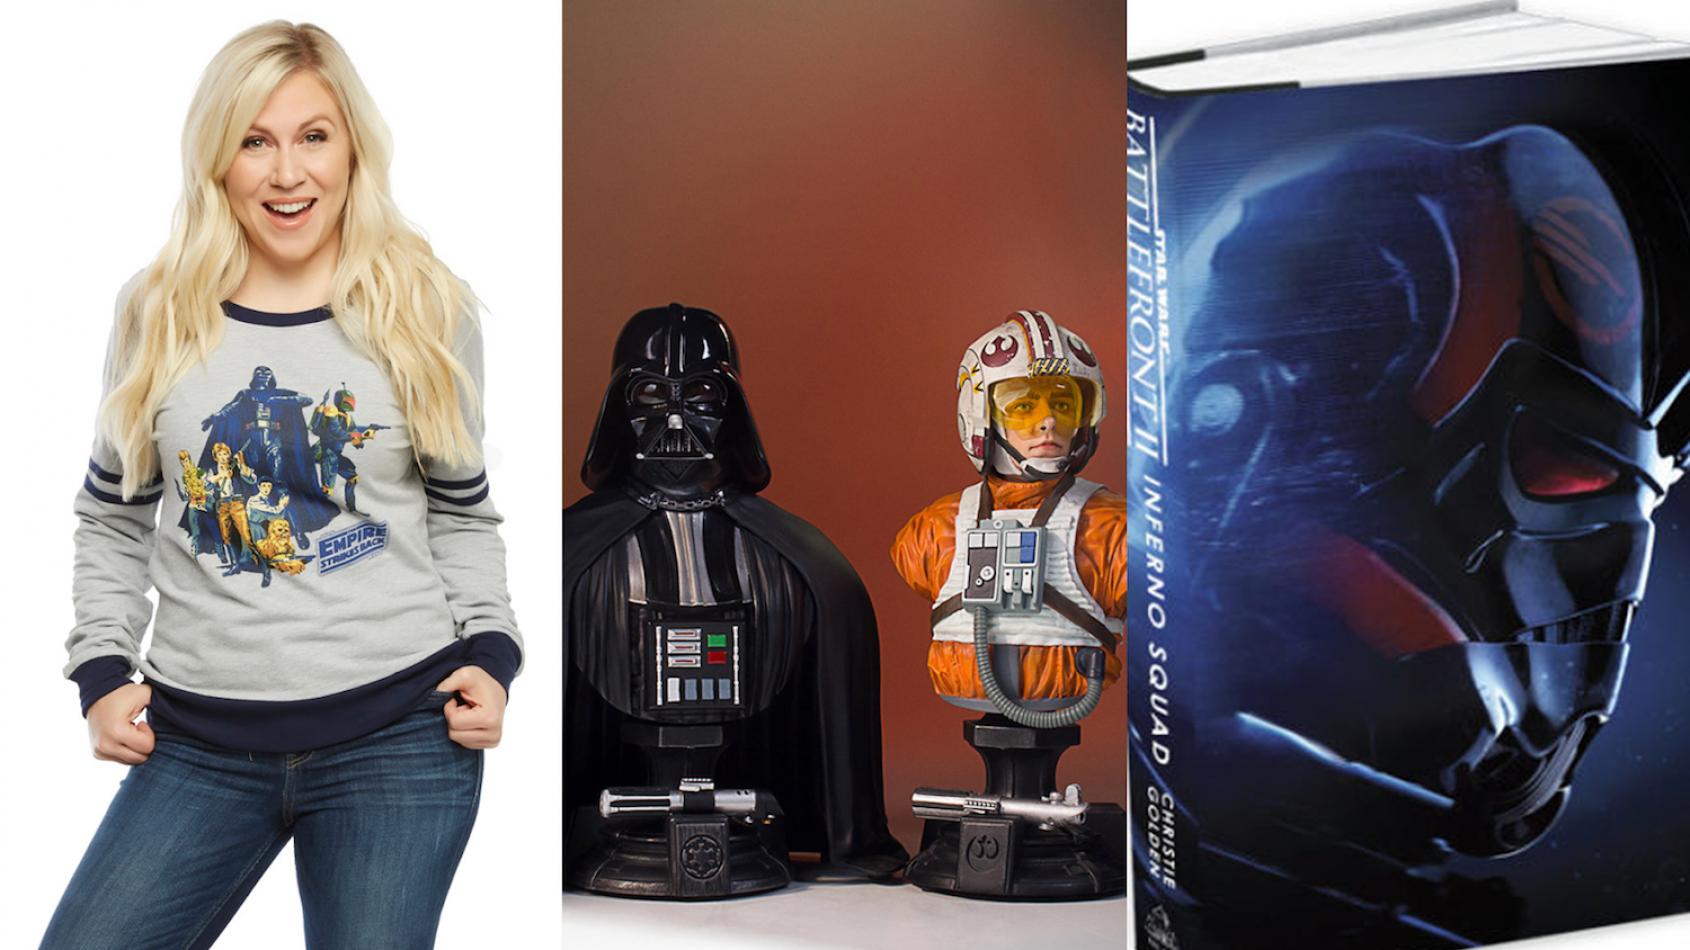 Les exclusivités Star Wars du Comic Con de San Diego